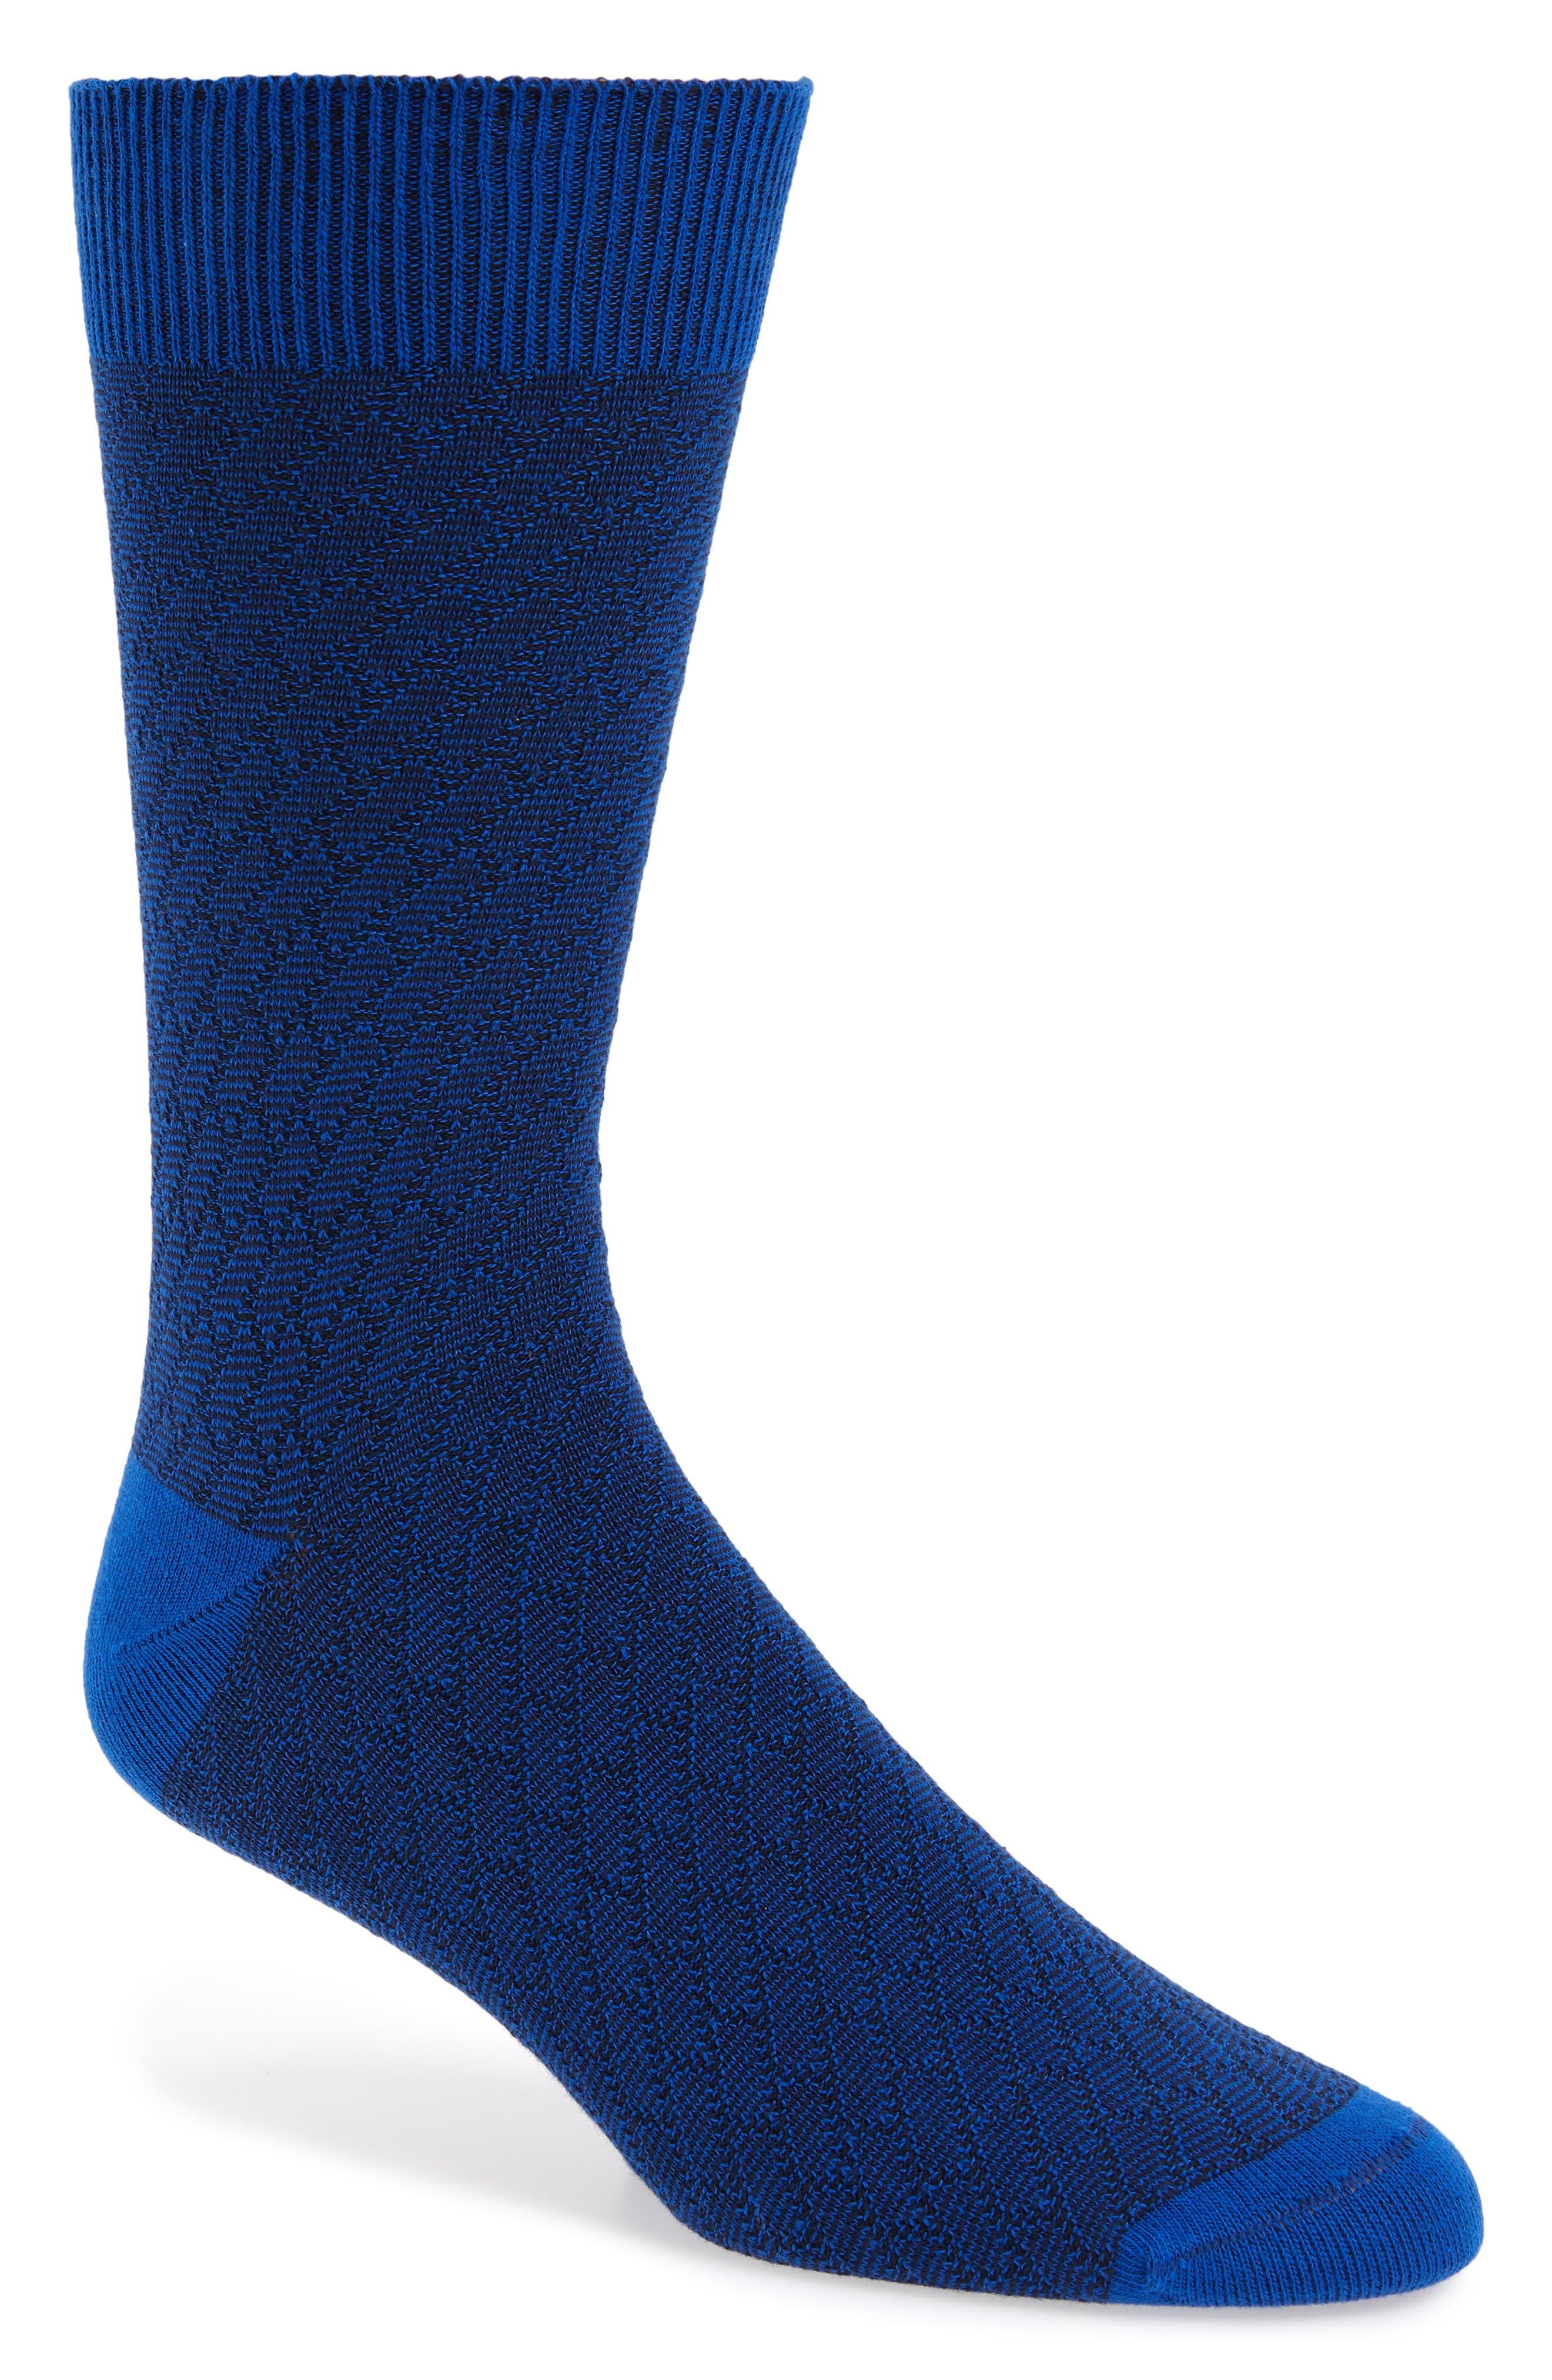 Lozpro Geometric Socks,                             Main thumbnail 1, color,                             Blue